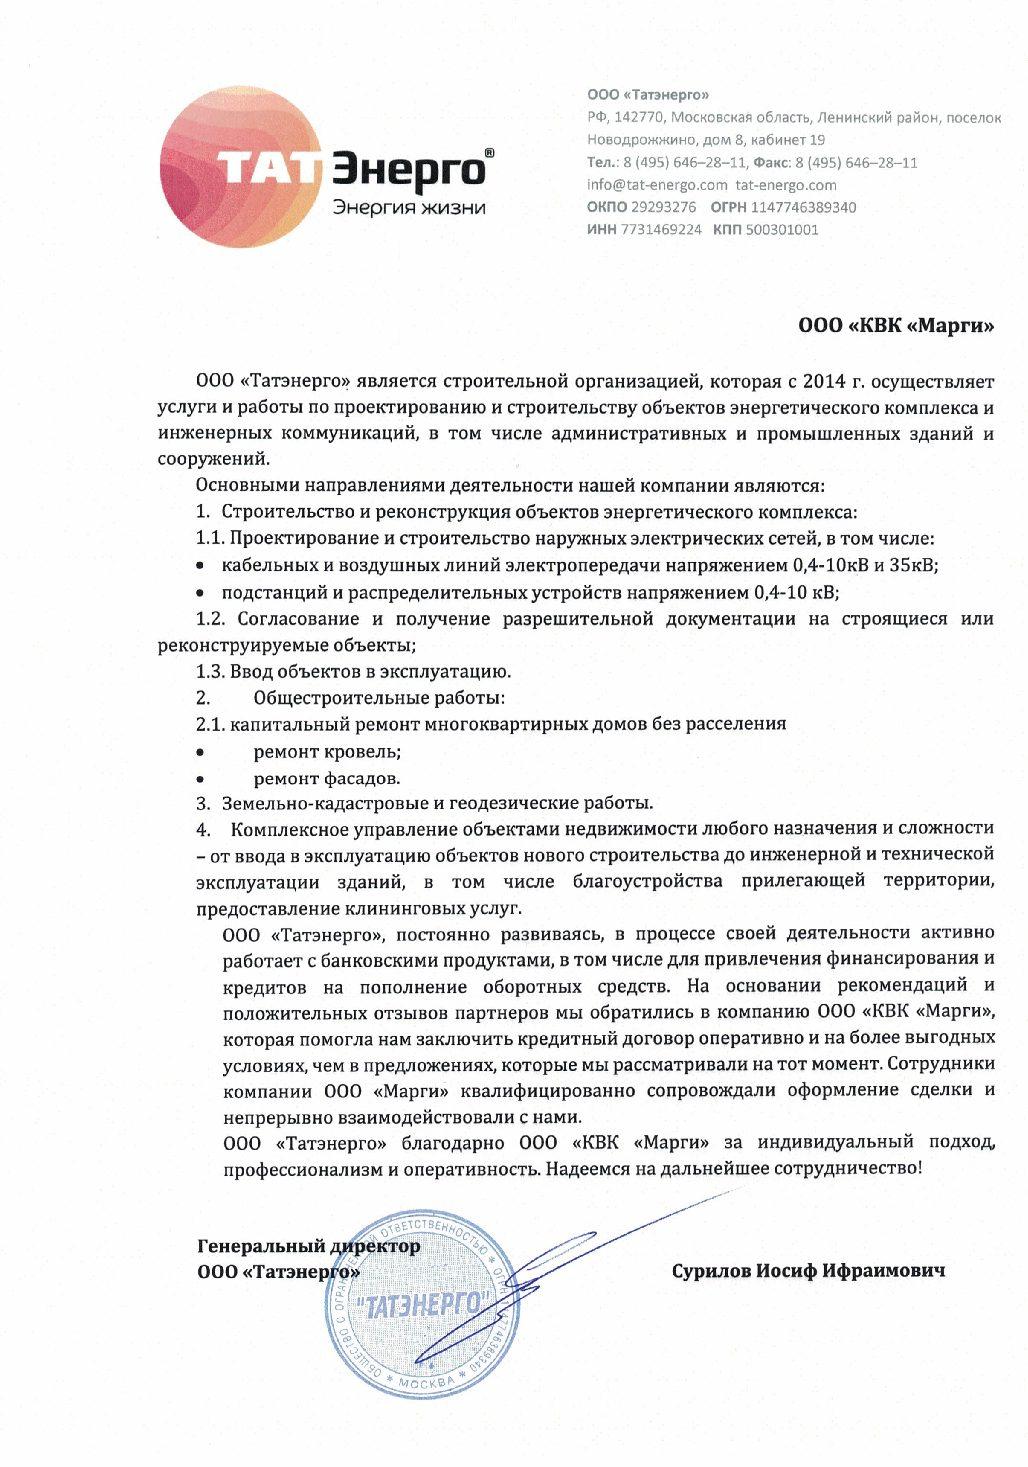 Tatenergo_stroitelnaya kompaniya